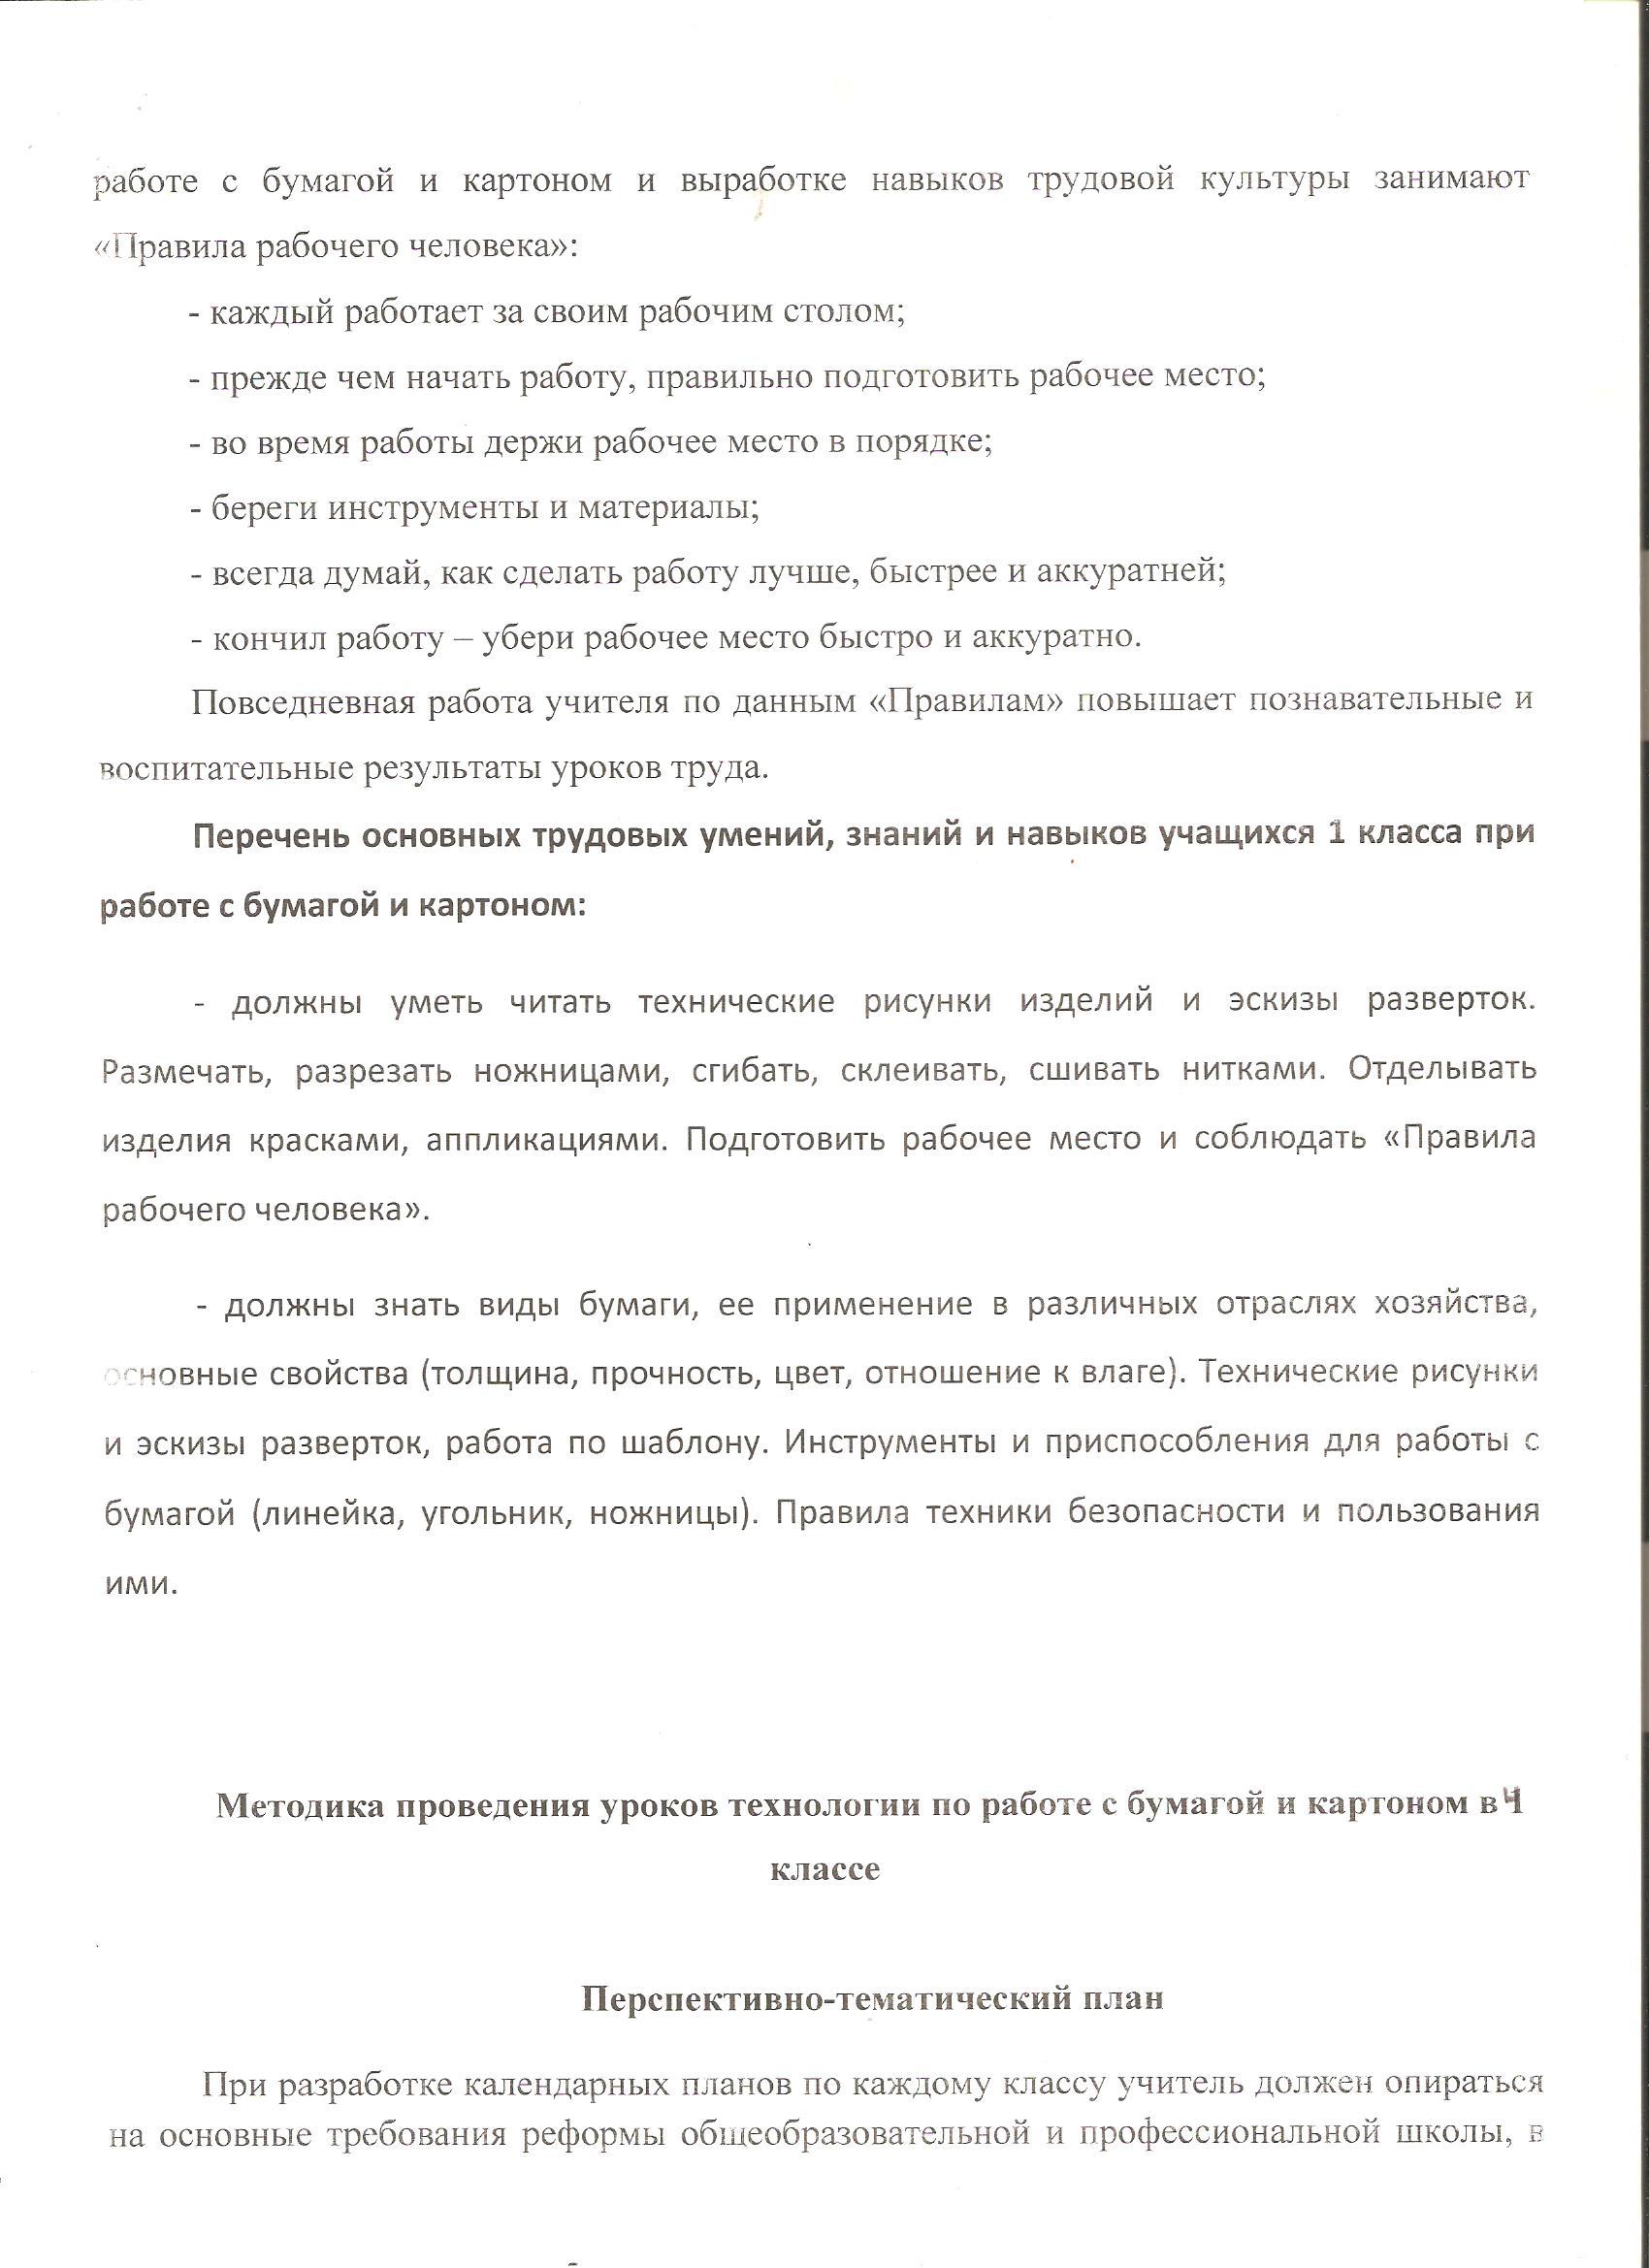 C:\Users\Люда\Pictures\2016-01-03 1\1 011.jpg